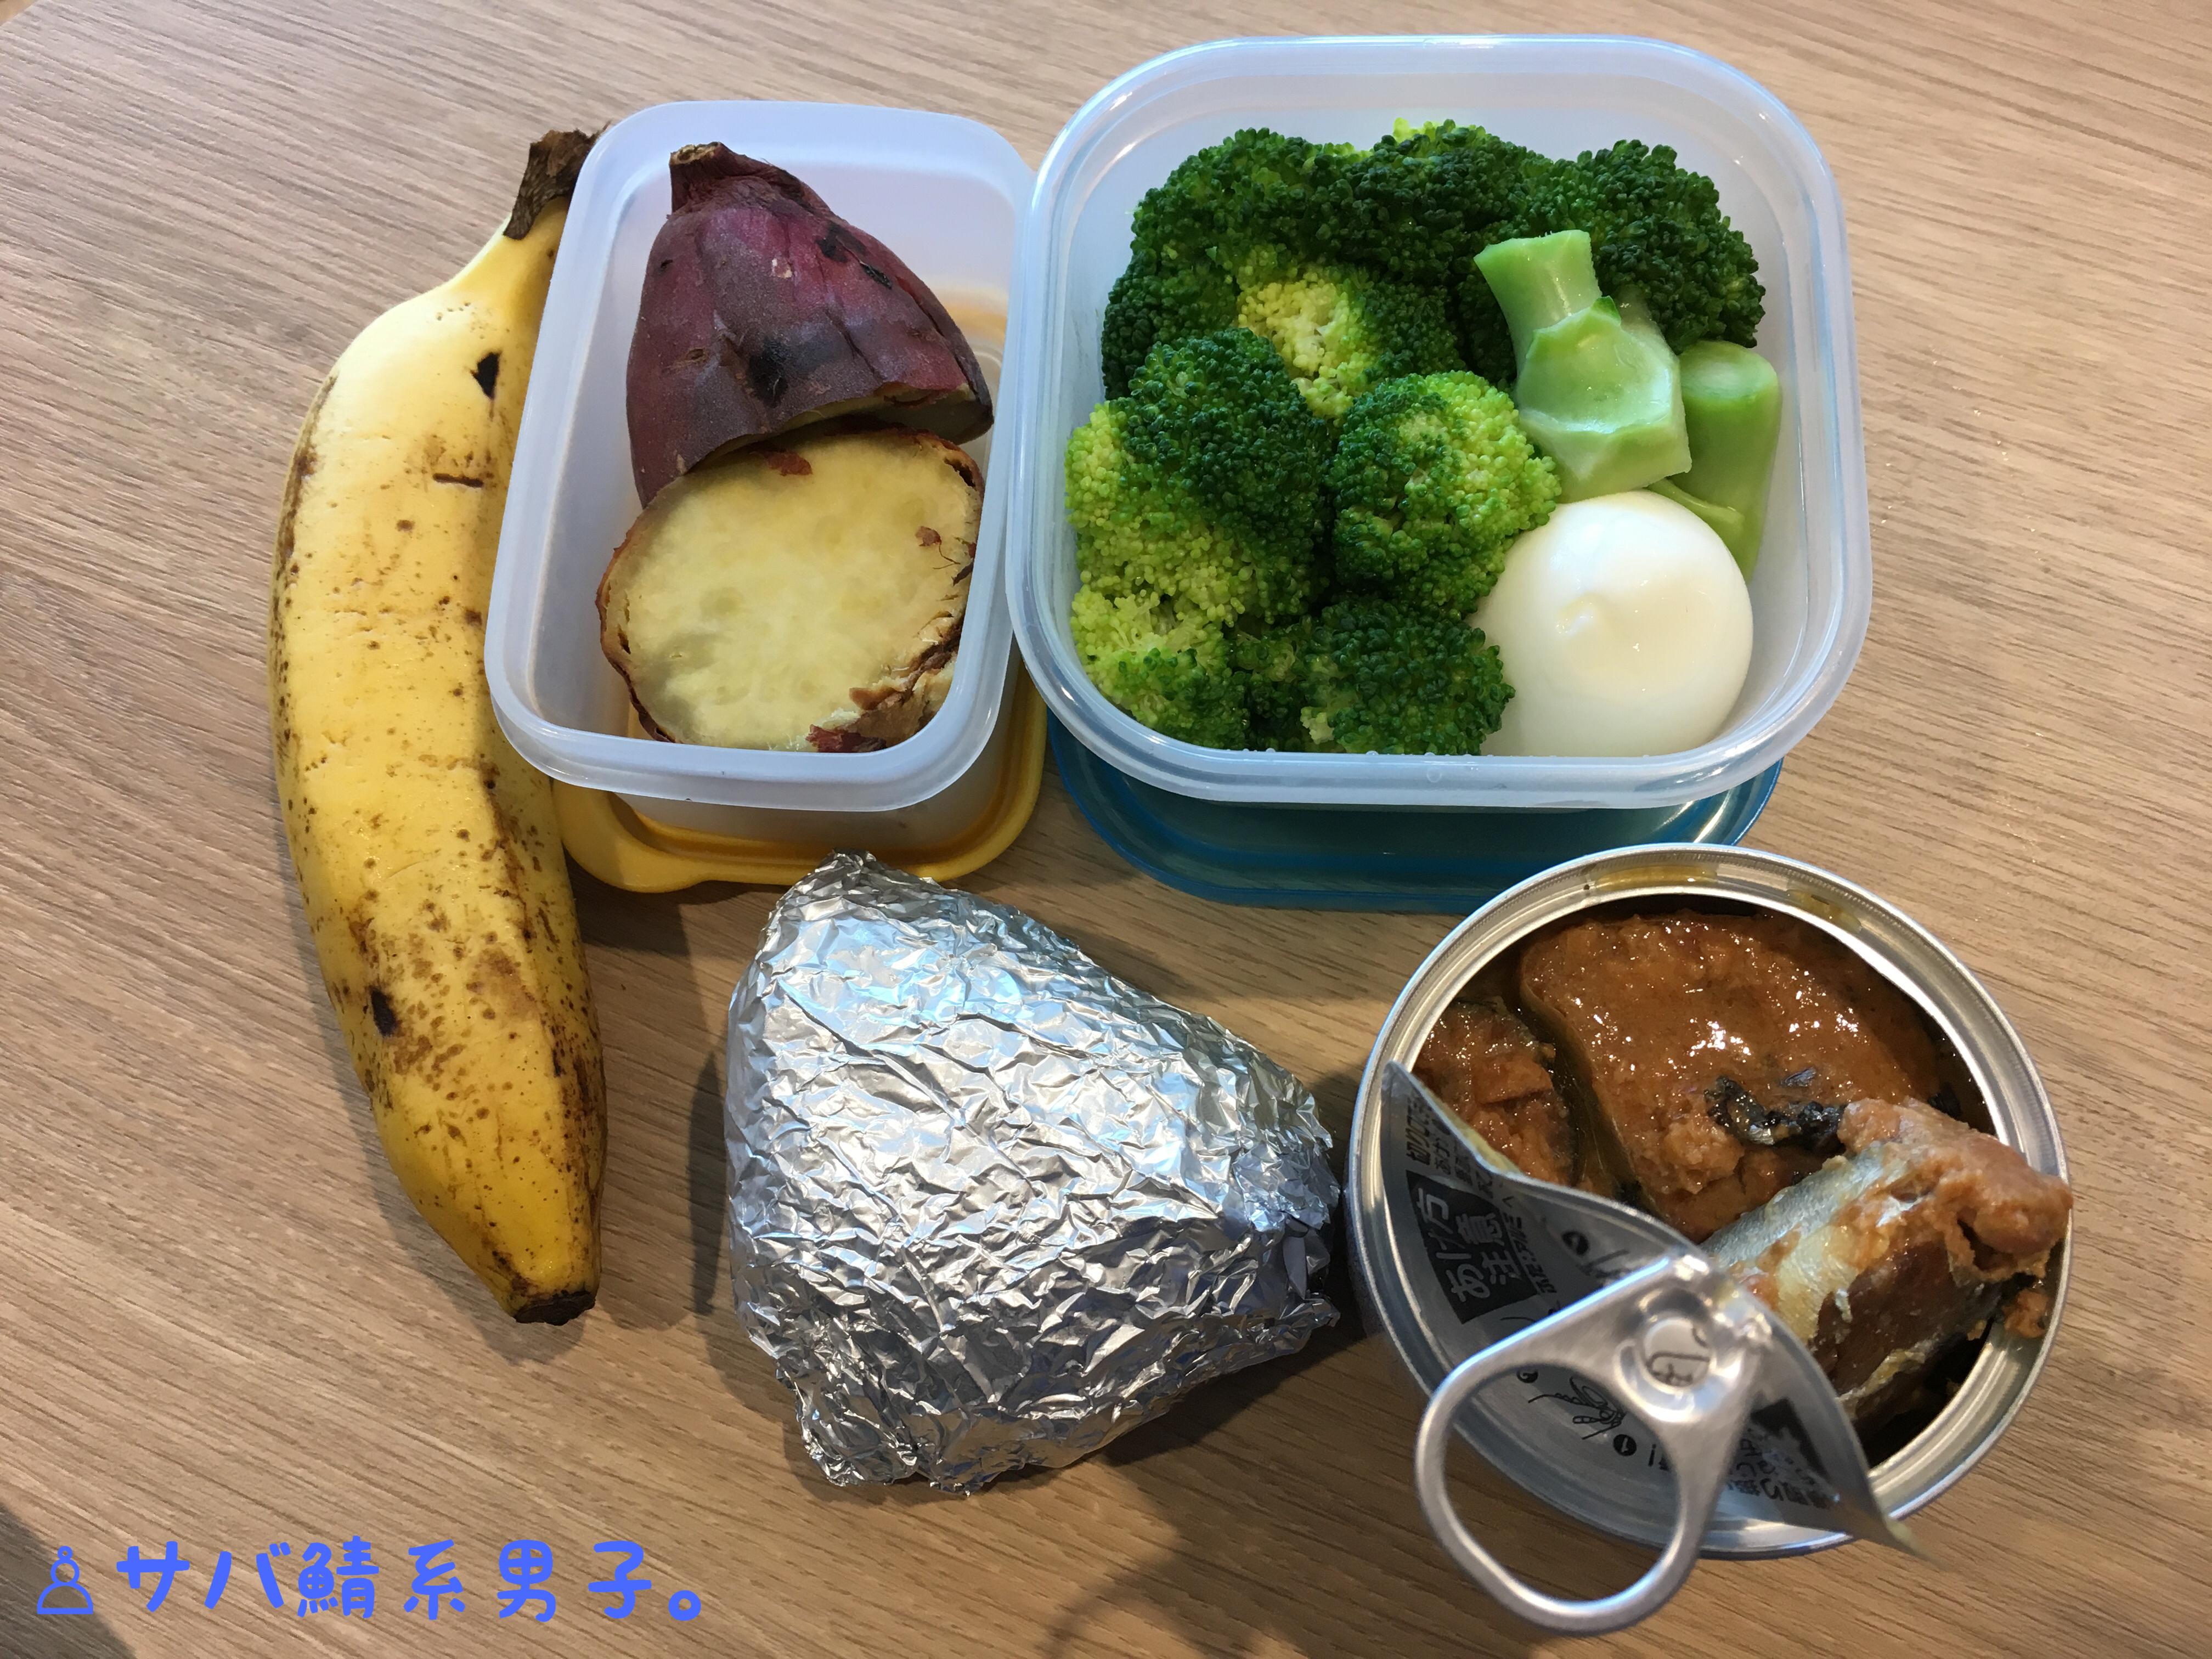 健康 食事 未加工 栄養 バランス